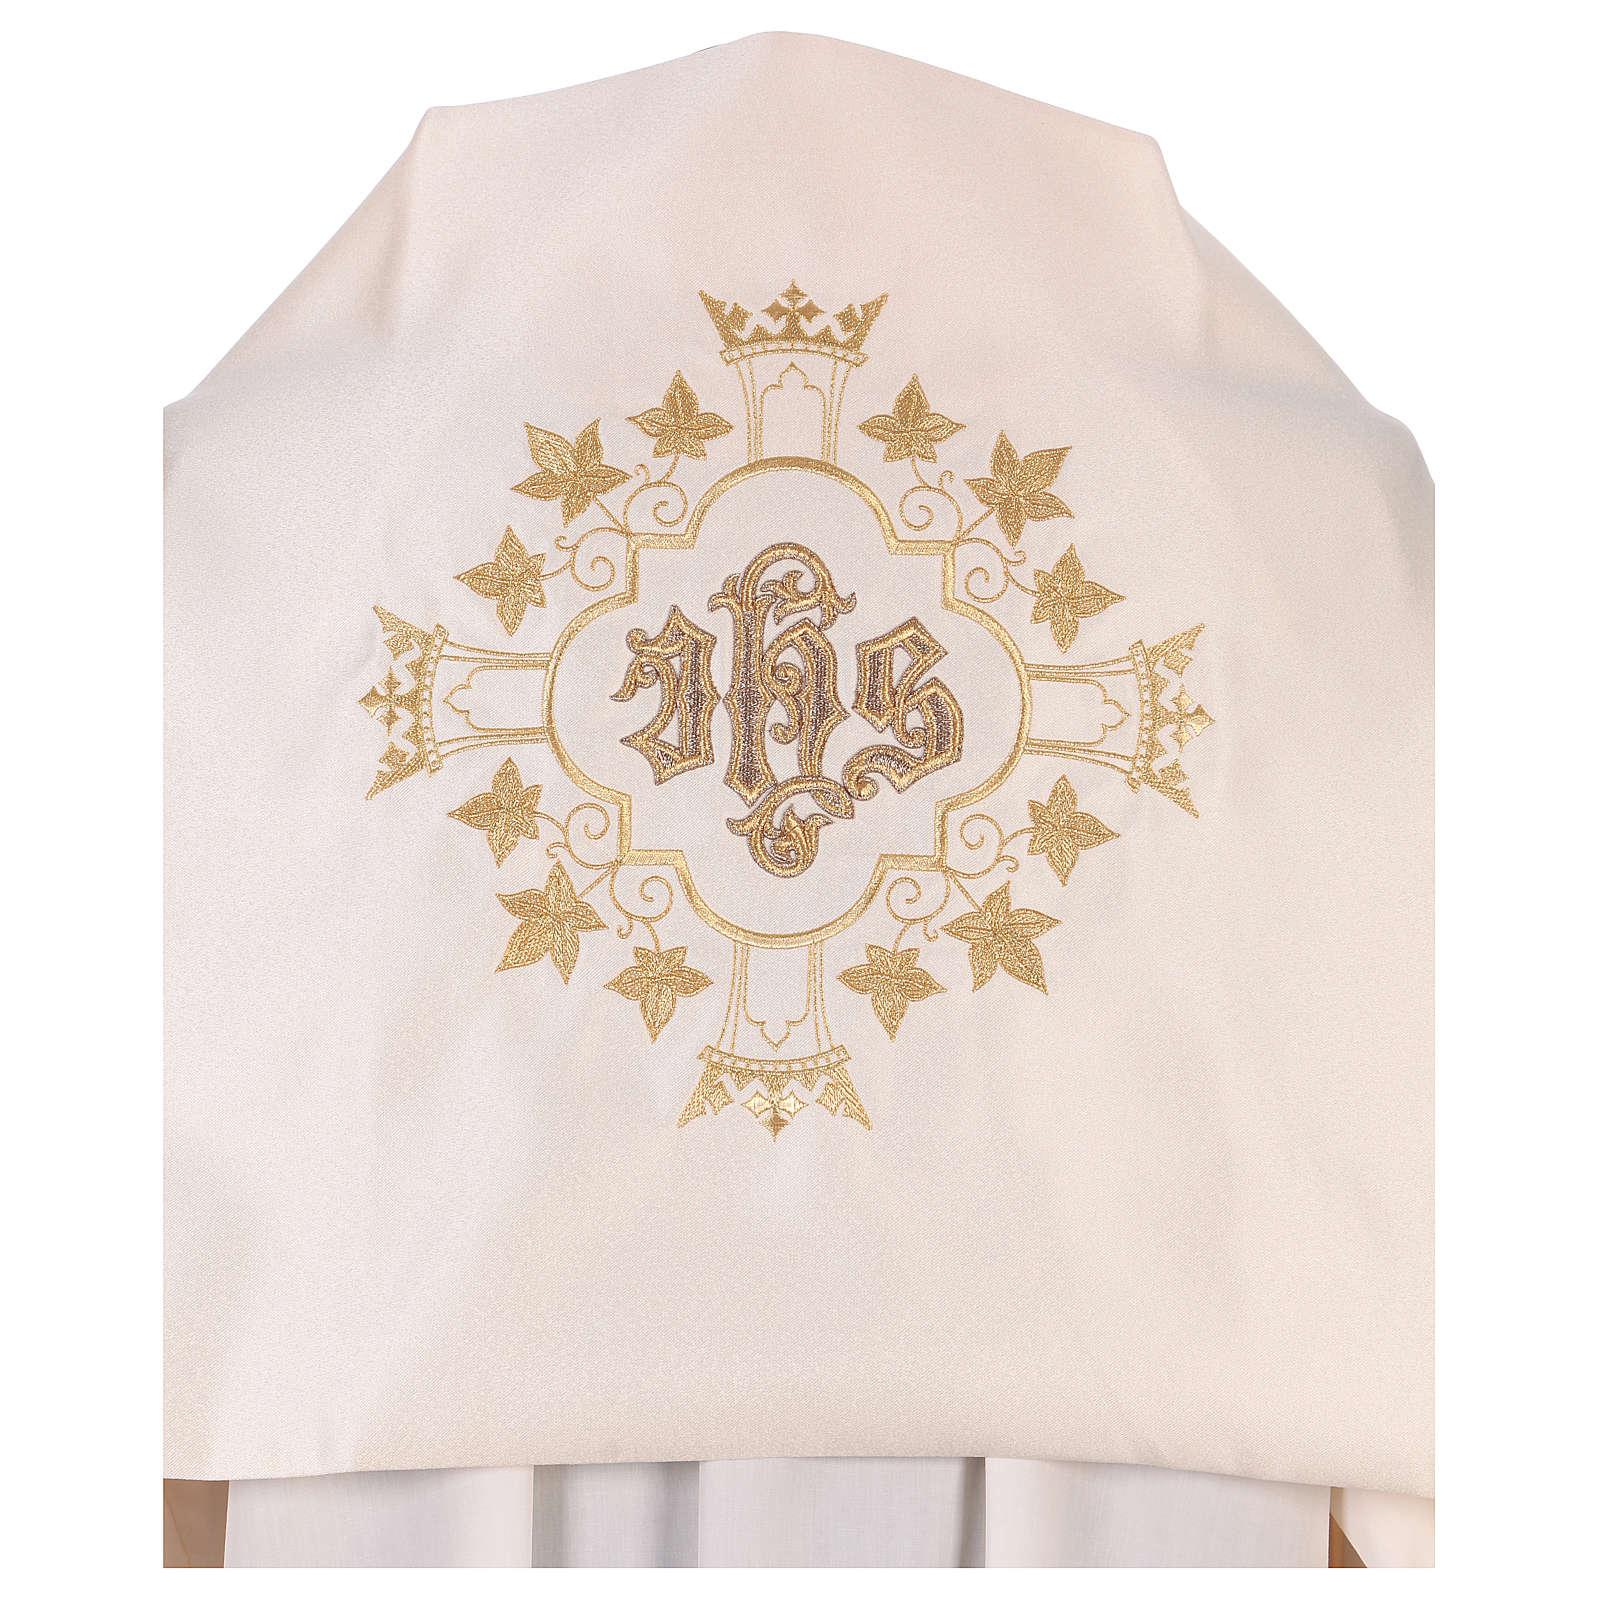 Voile huméral brodé doré IHS avec couronnes 4